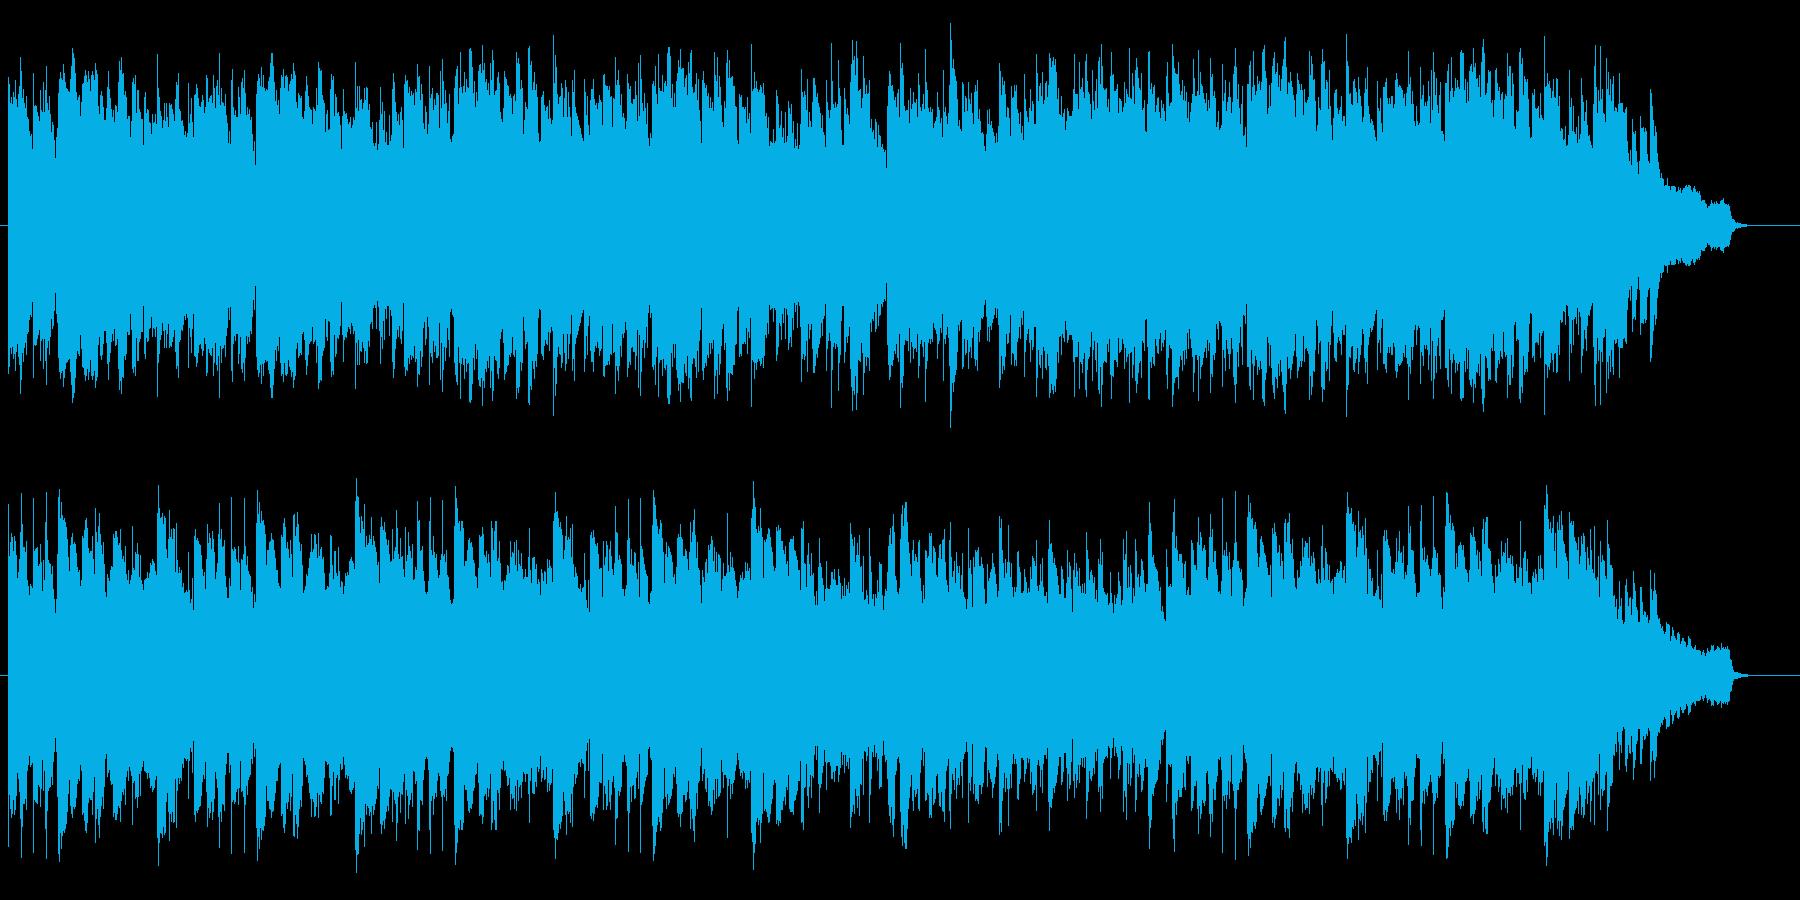 初恋をイメージしたインスト曲ですの再生済みの波形